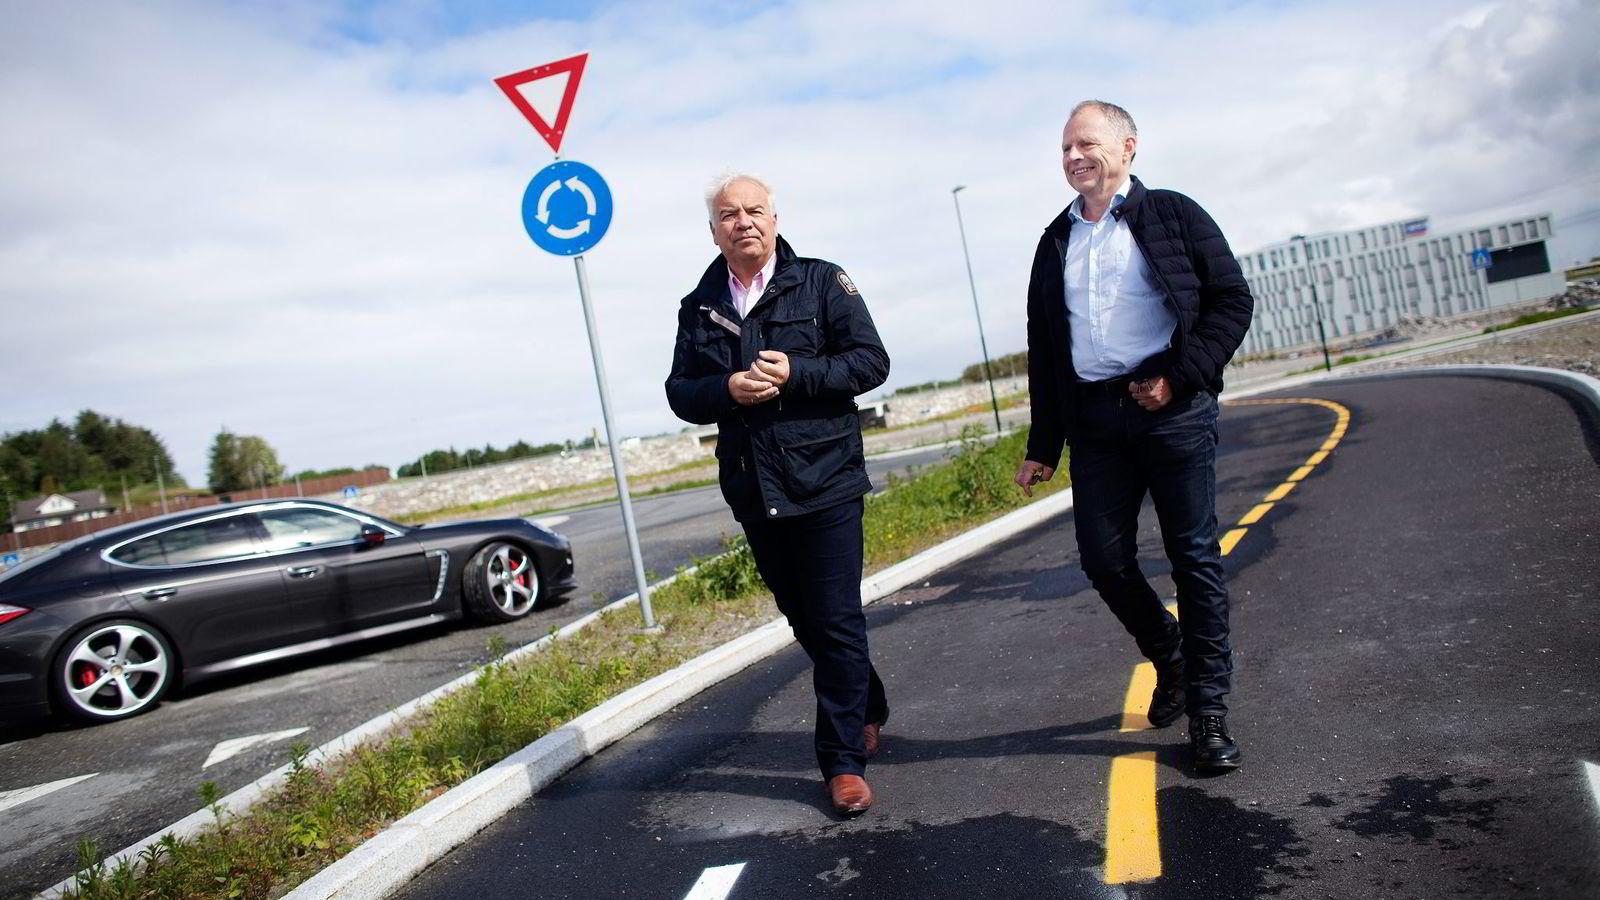 Eiendomsinvestorene Ivar Sverre Gundersen (til venstre) og Arild Egeland har vært med på en av de beste eiendomstransaksjonene noensinne i Rogaland.